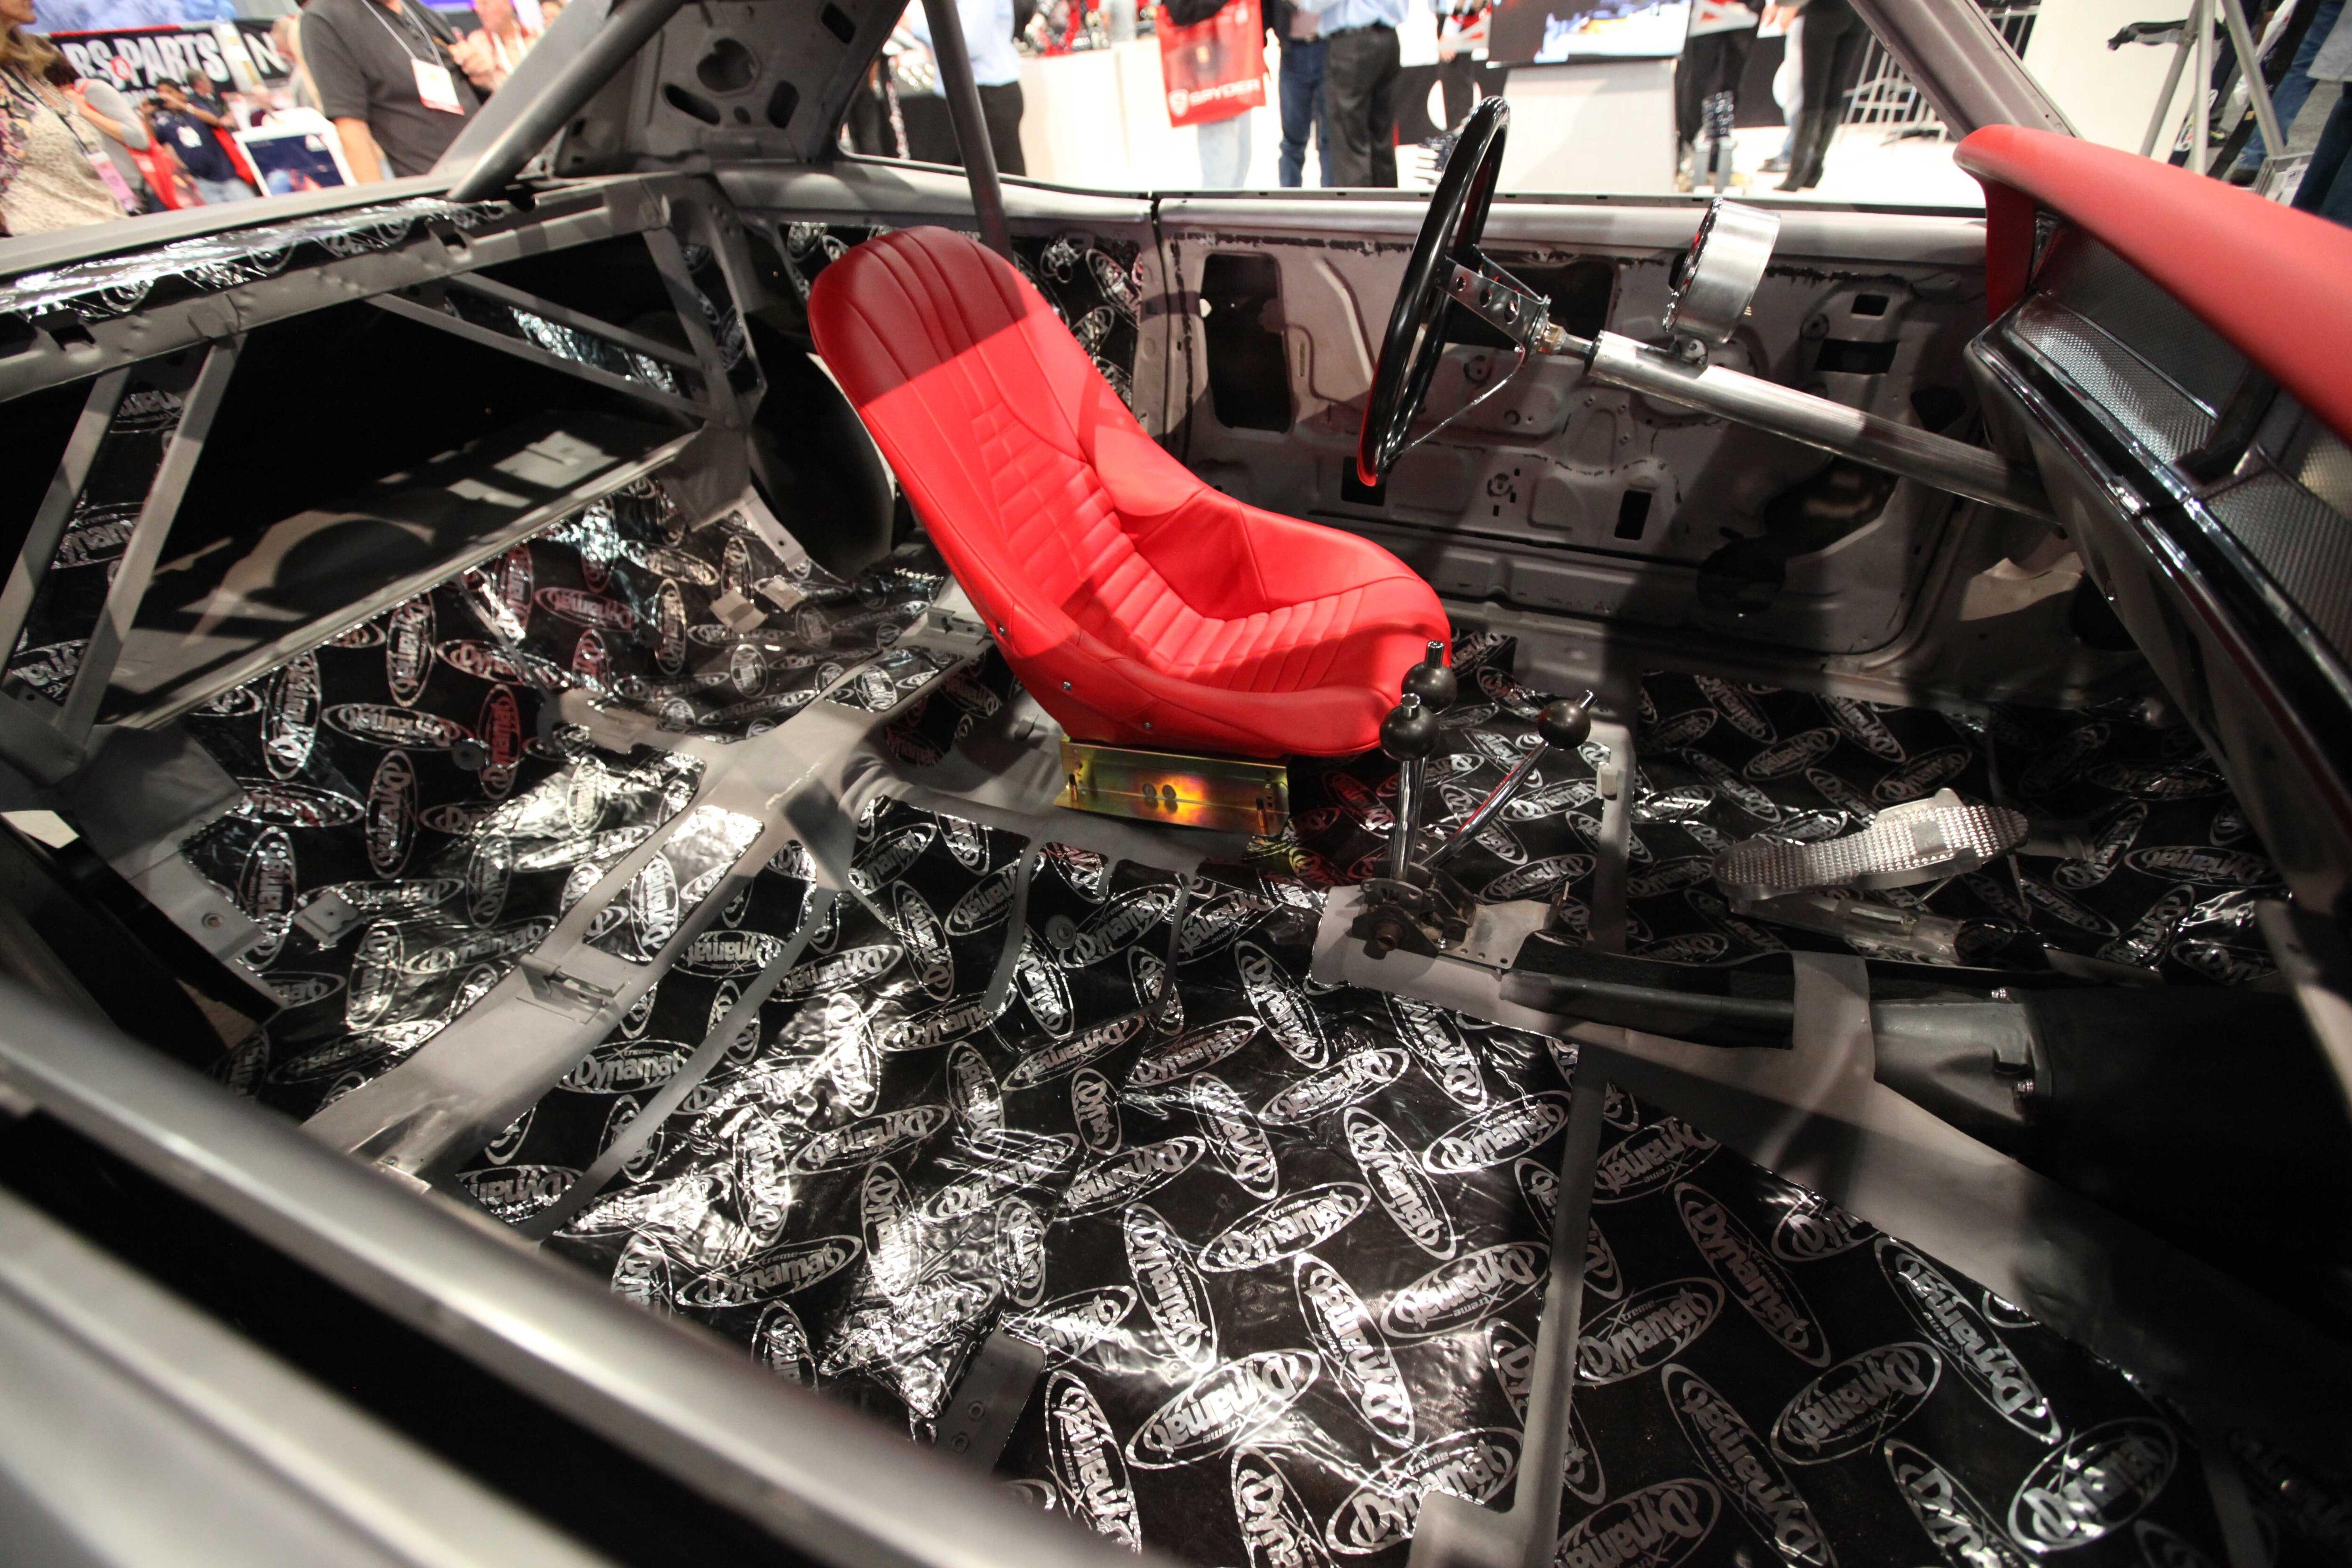 Car interior necessities - 2 15